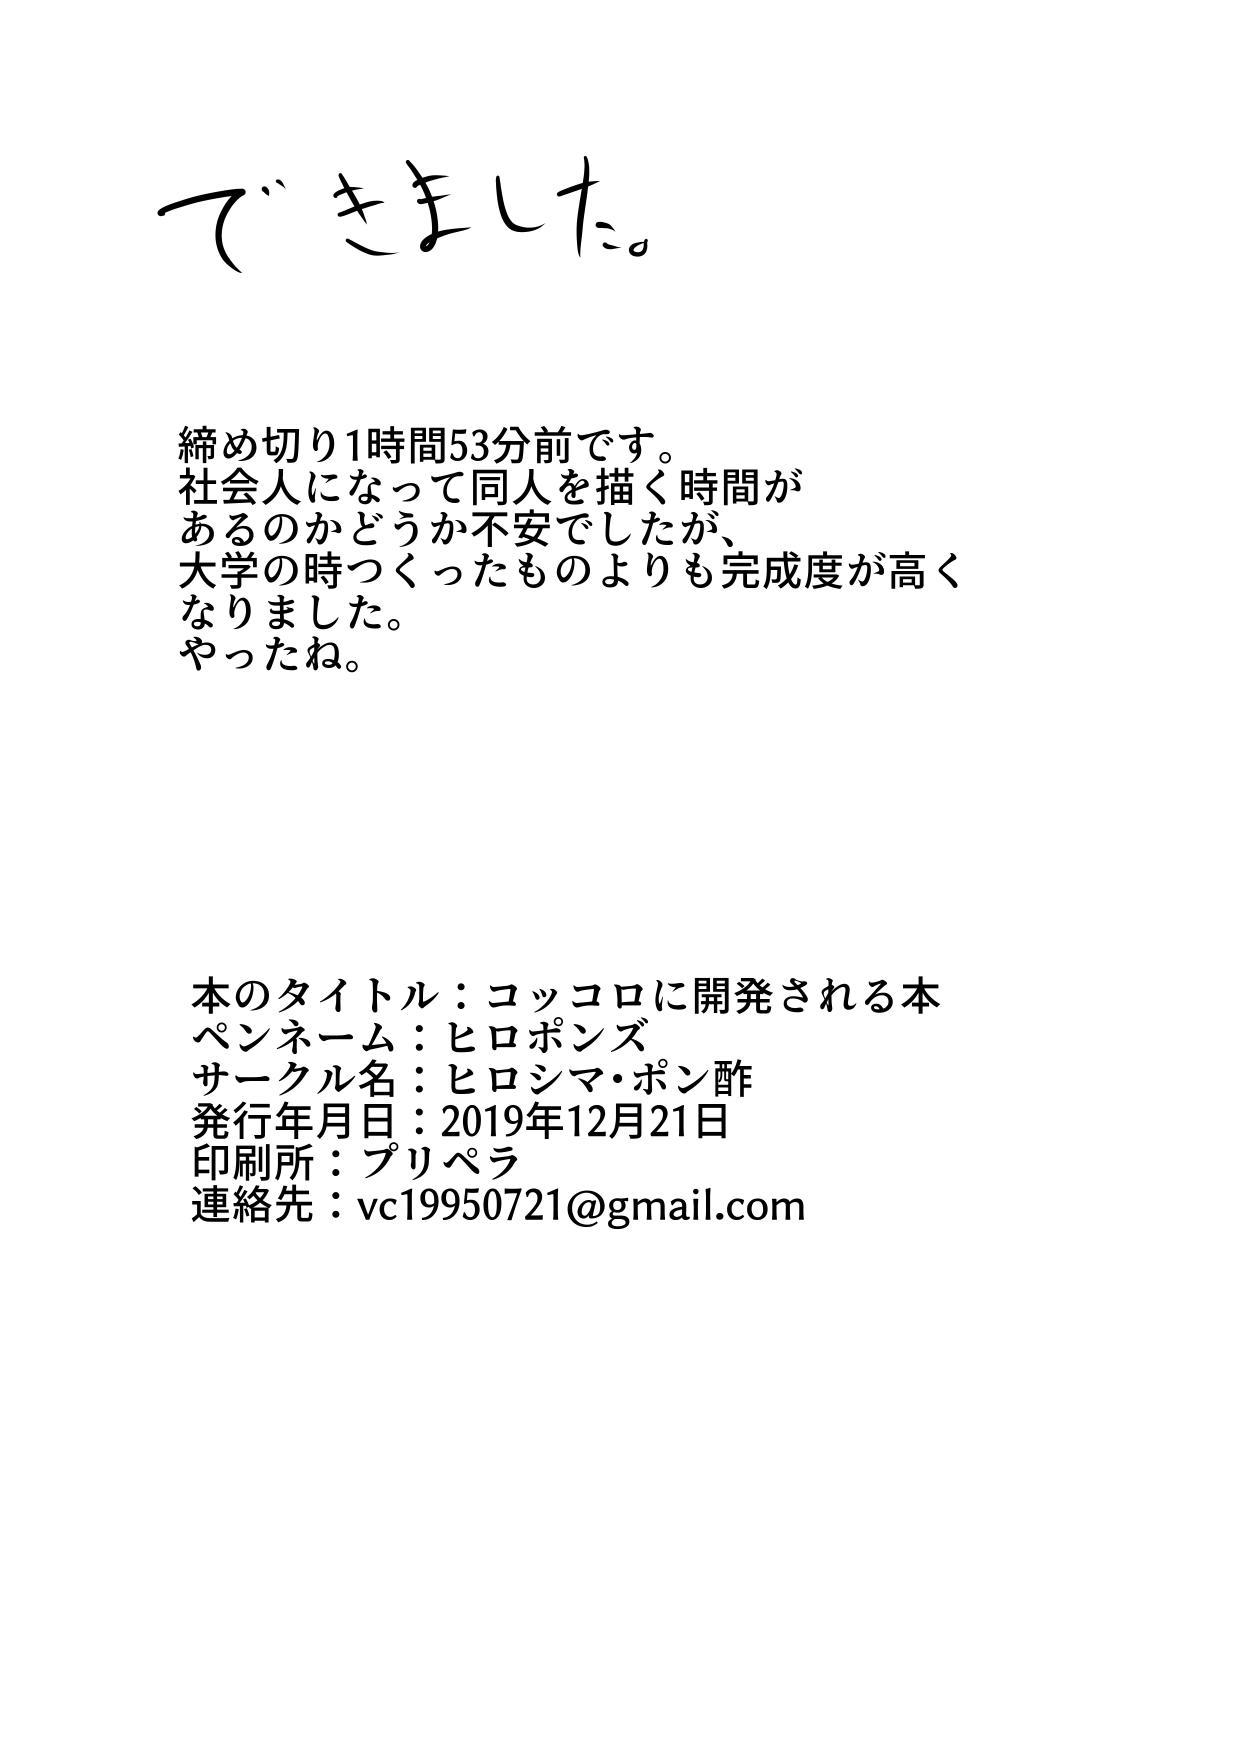 Kokkoro ni Kaihatsu sareru Hon 21